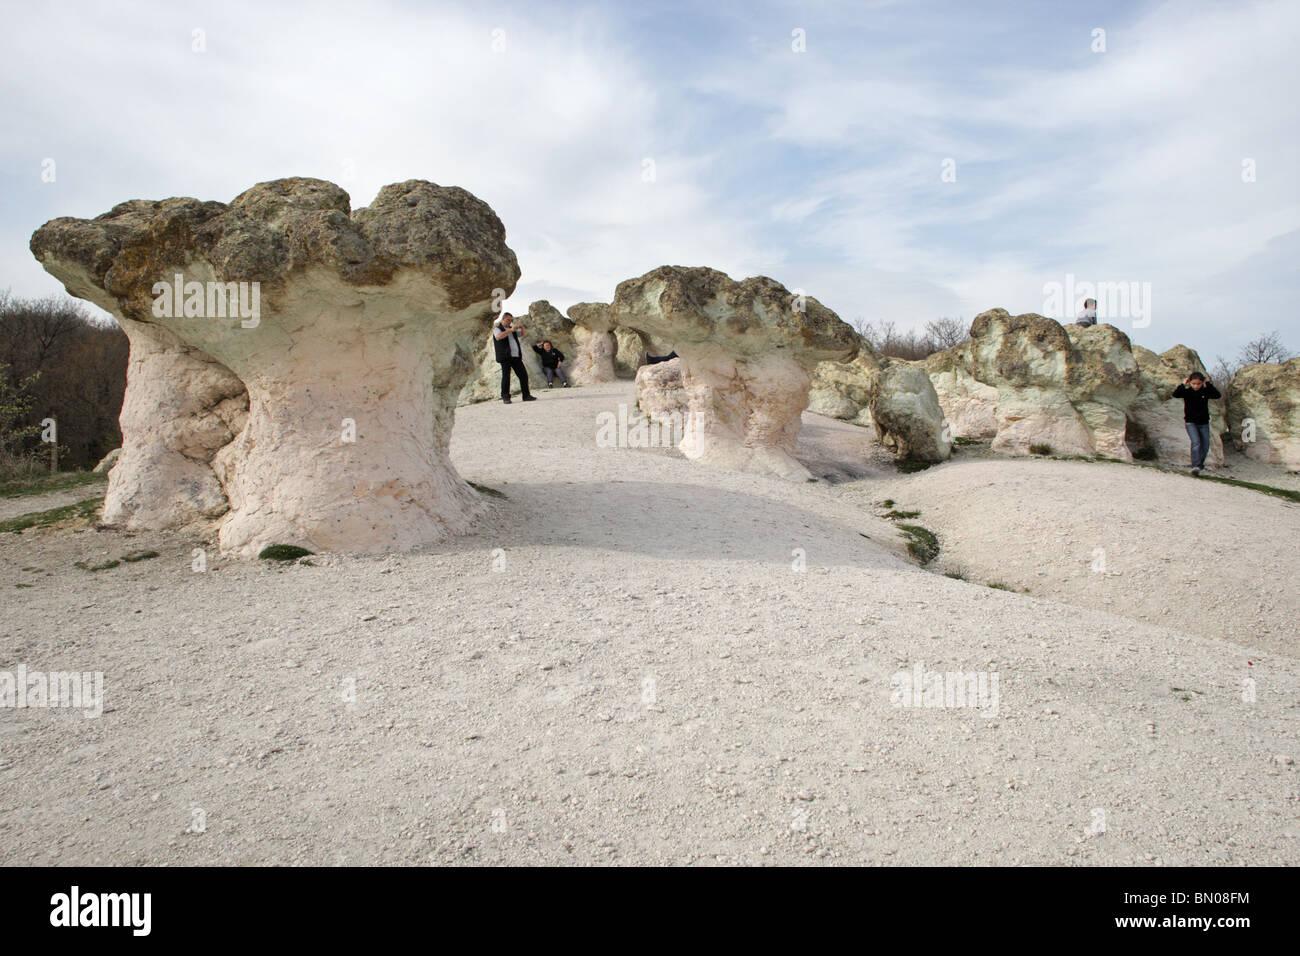 Natur Phänomen Stein, Pilze, East Rodopi (Rhodopi) Berge, Bulgarien, Europa Stockbild